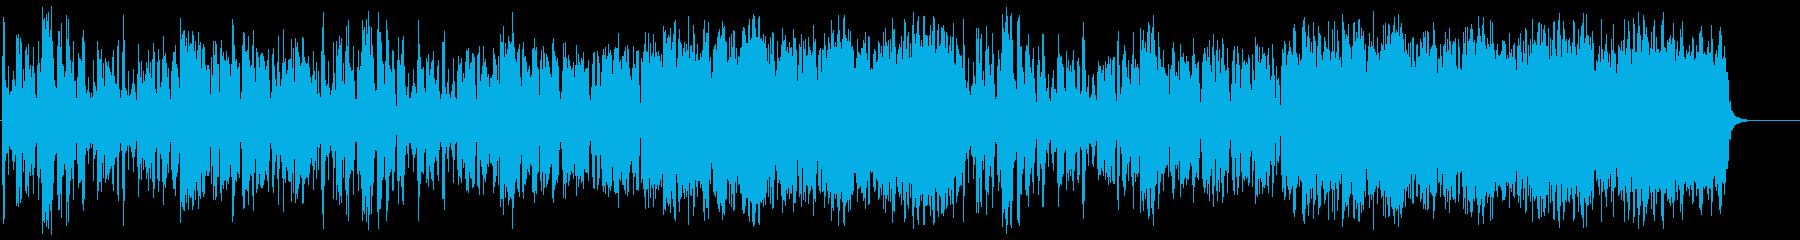 お洒落で軽やかなテンポのミュージックの再生済みの波形